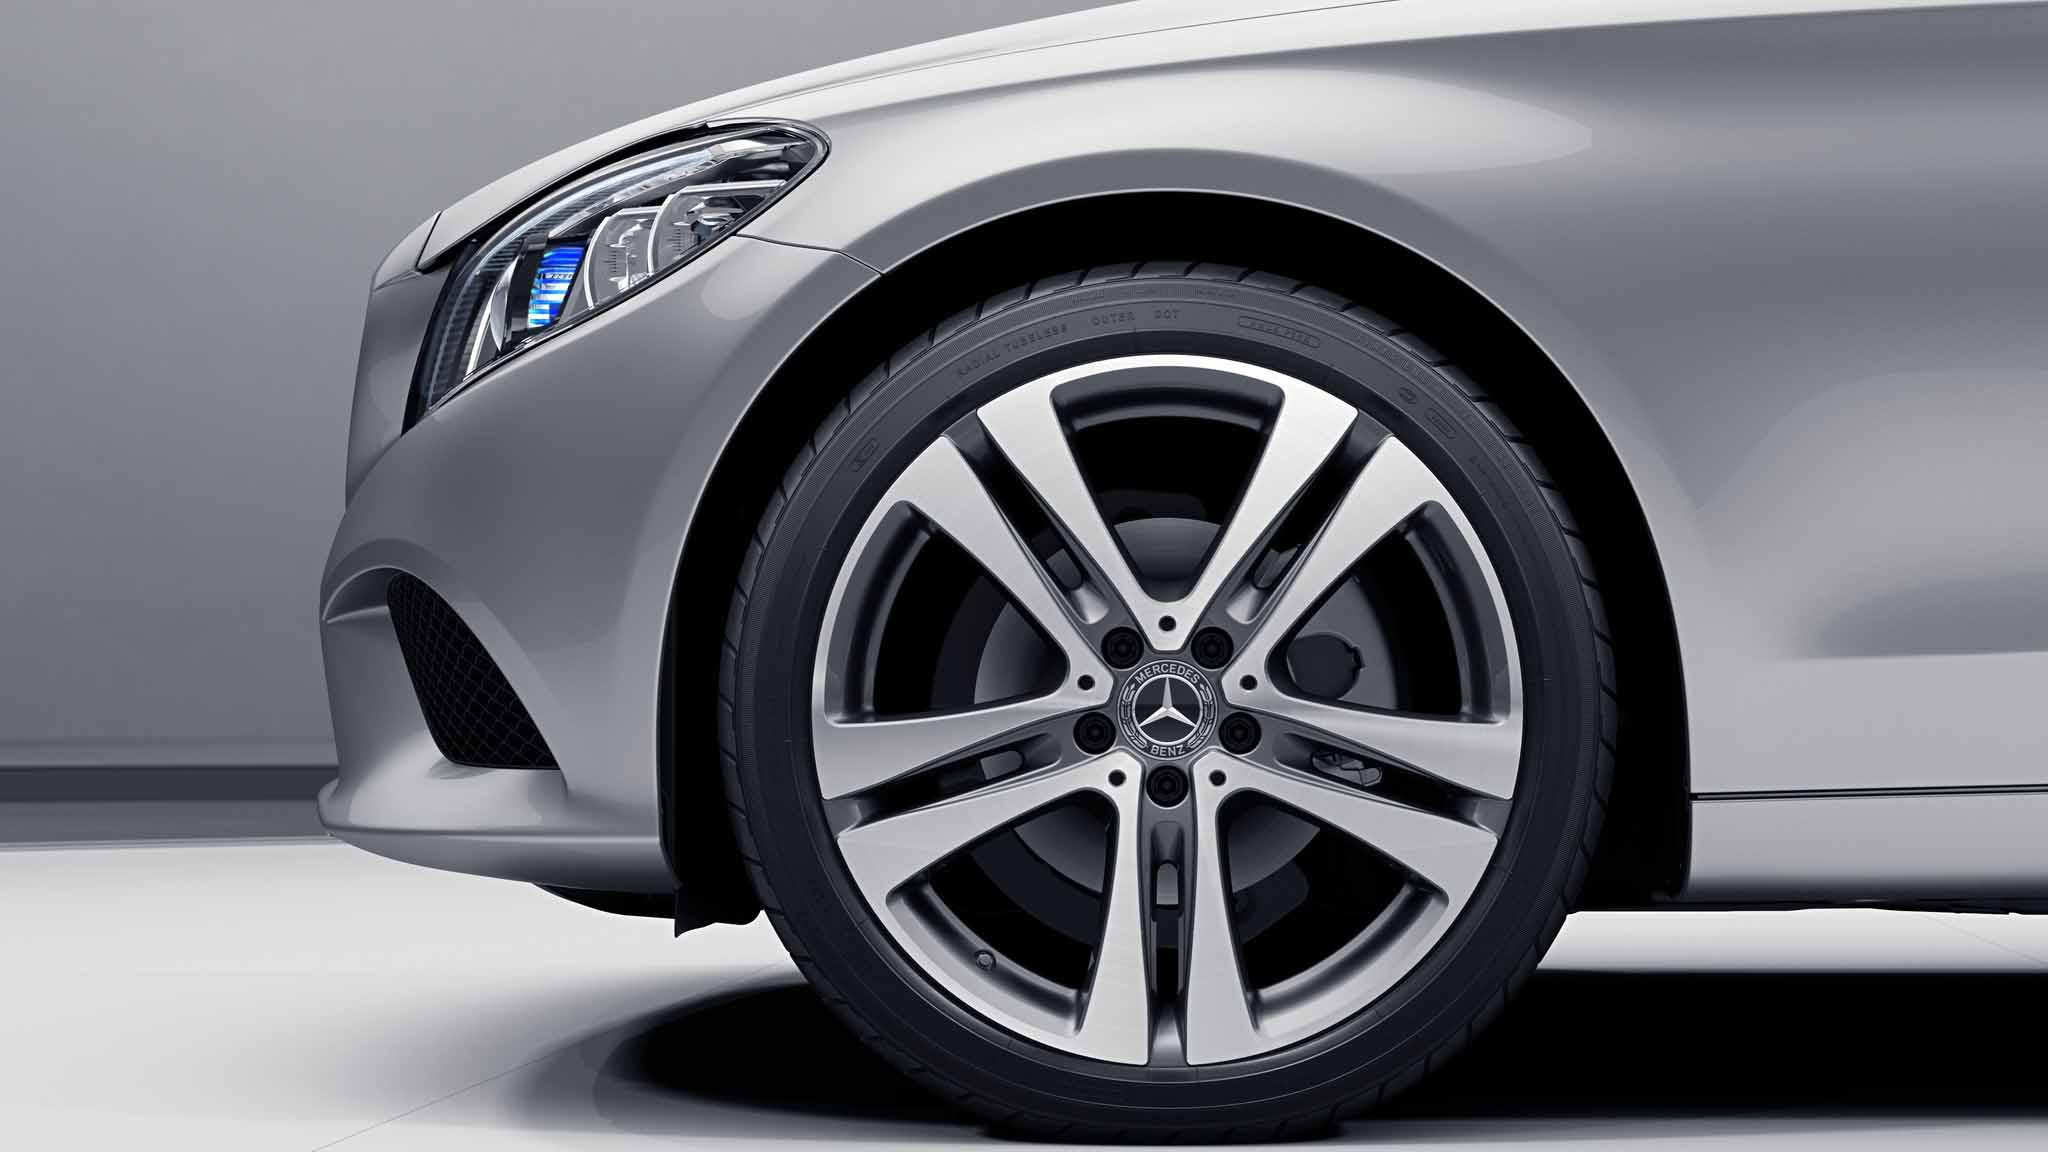 Jantes AMG 19 à 5 doubles branches noires de la Mercedes-Benz Classe C Berline